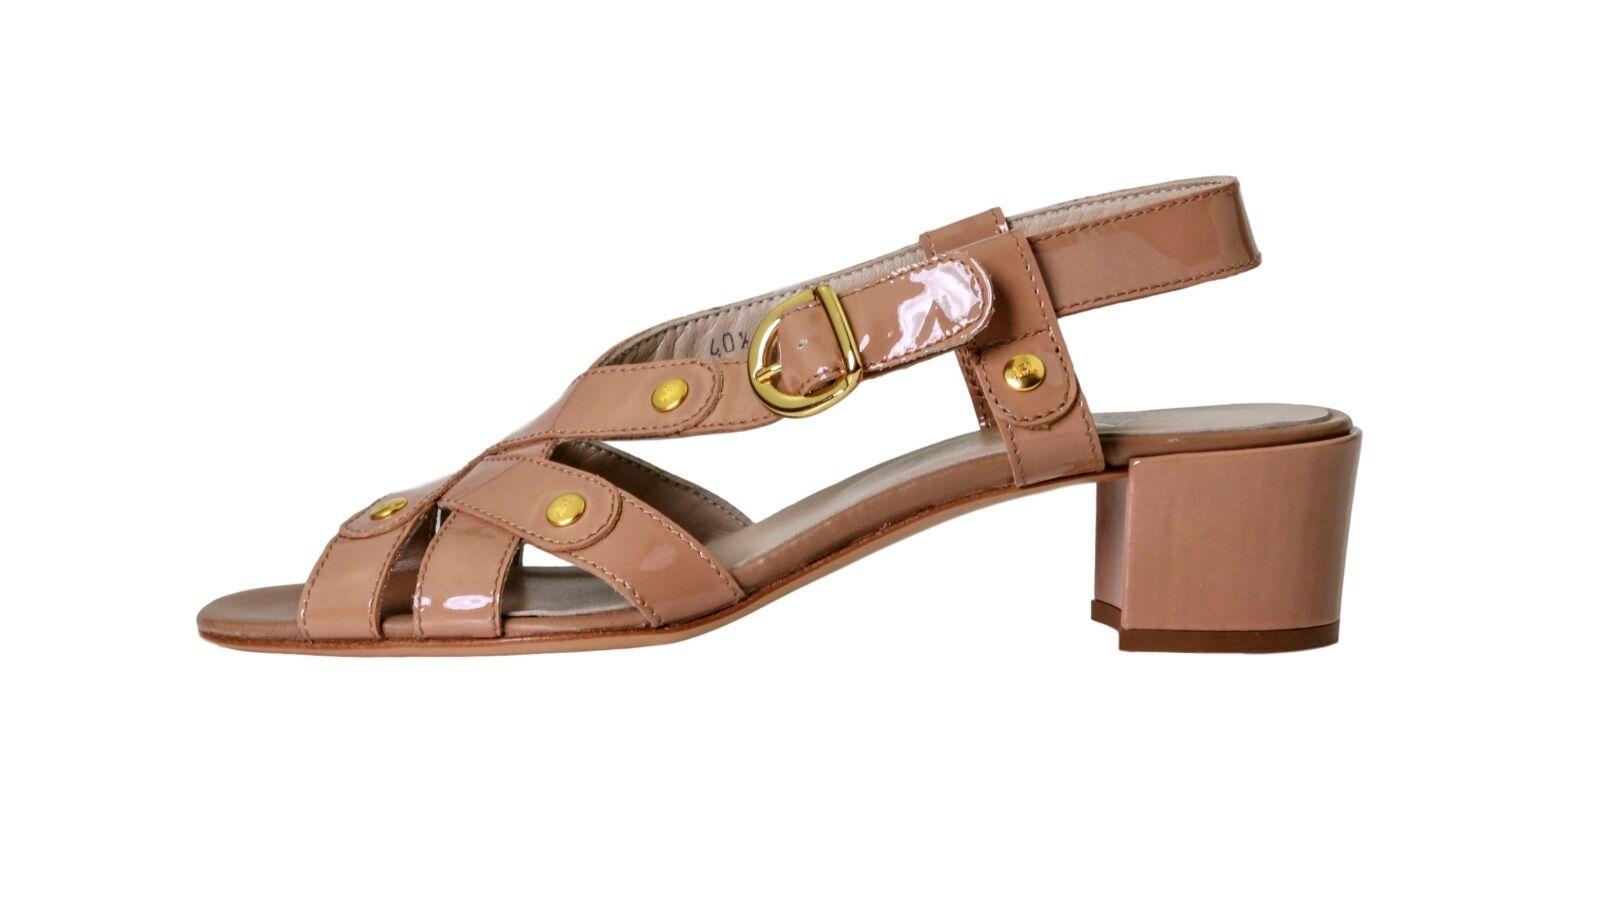 Attilio Giusti Leombruni 7438 Nude Patent Leather Sandals EU Sz 40.5